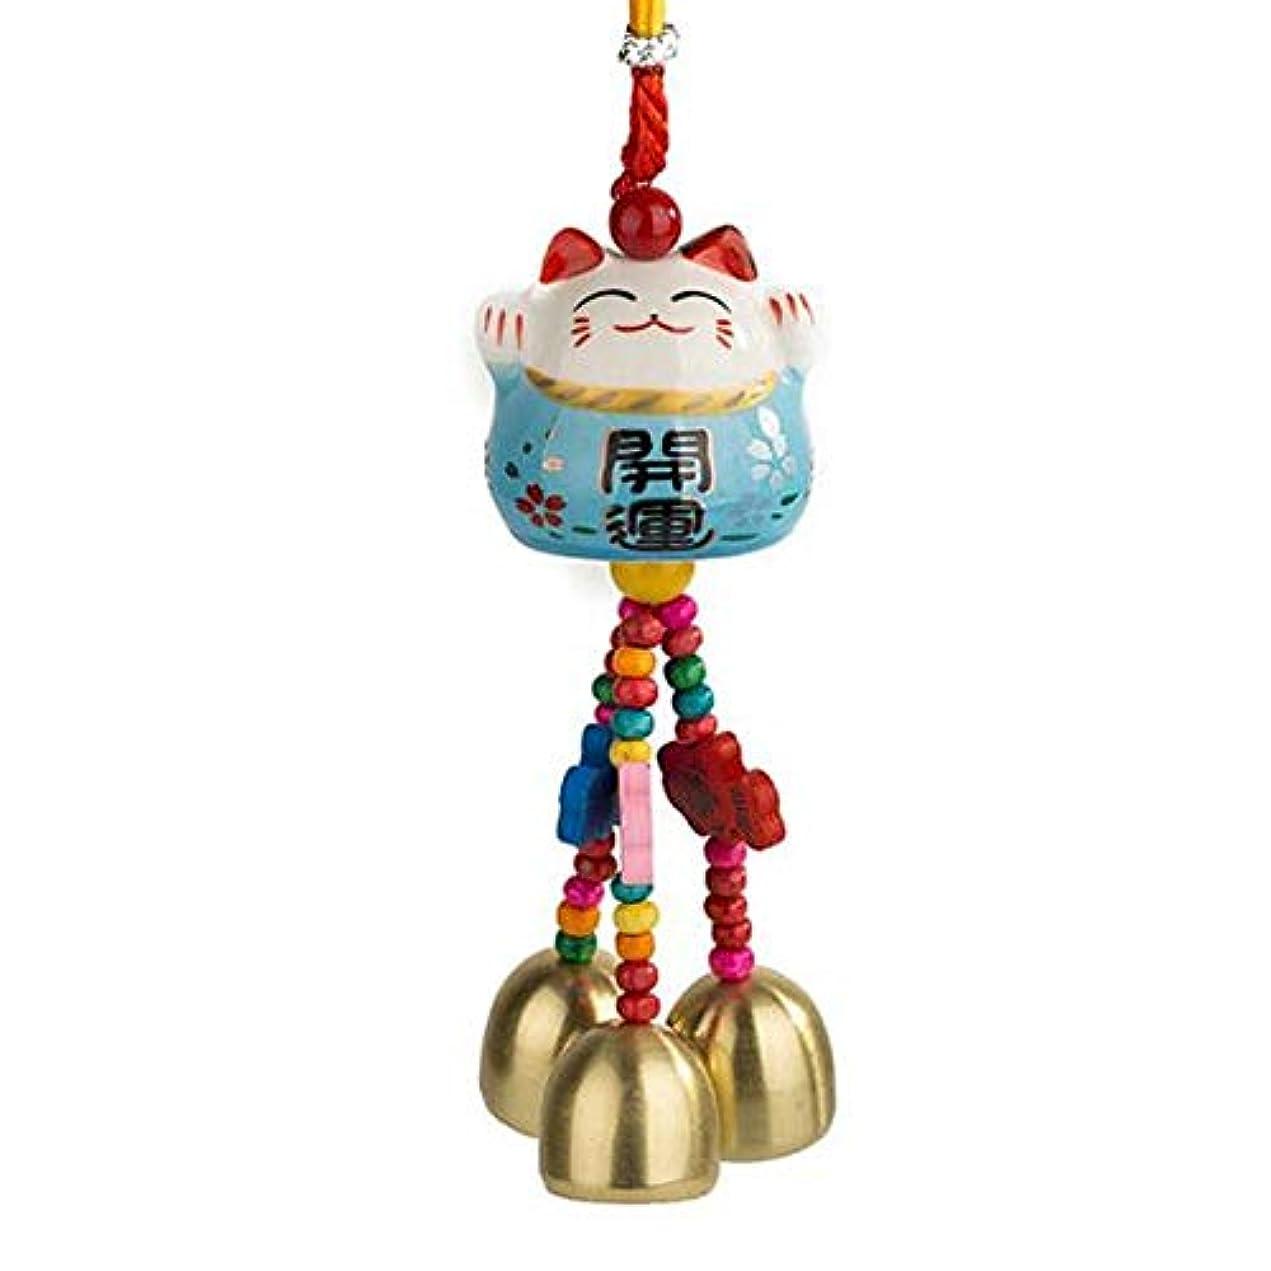 複製おなじみのうなるFengshangshanghang 風チャイム、かわいいクリエイティブセラミック猫風の鐘、グリーン、長い28センチメートル,家の装飾 (Color : Blue)